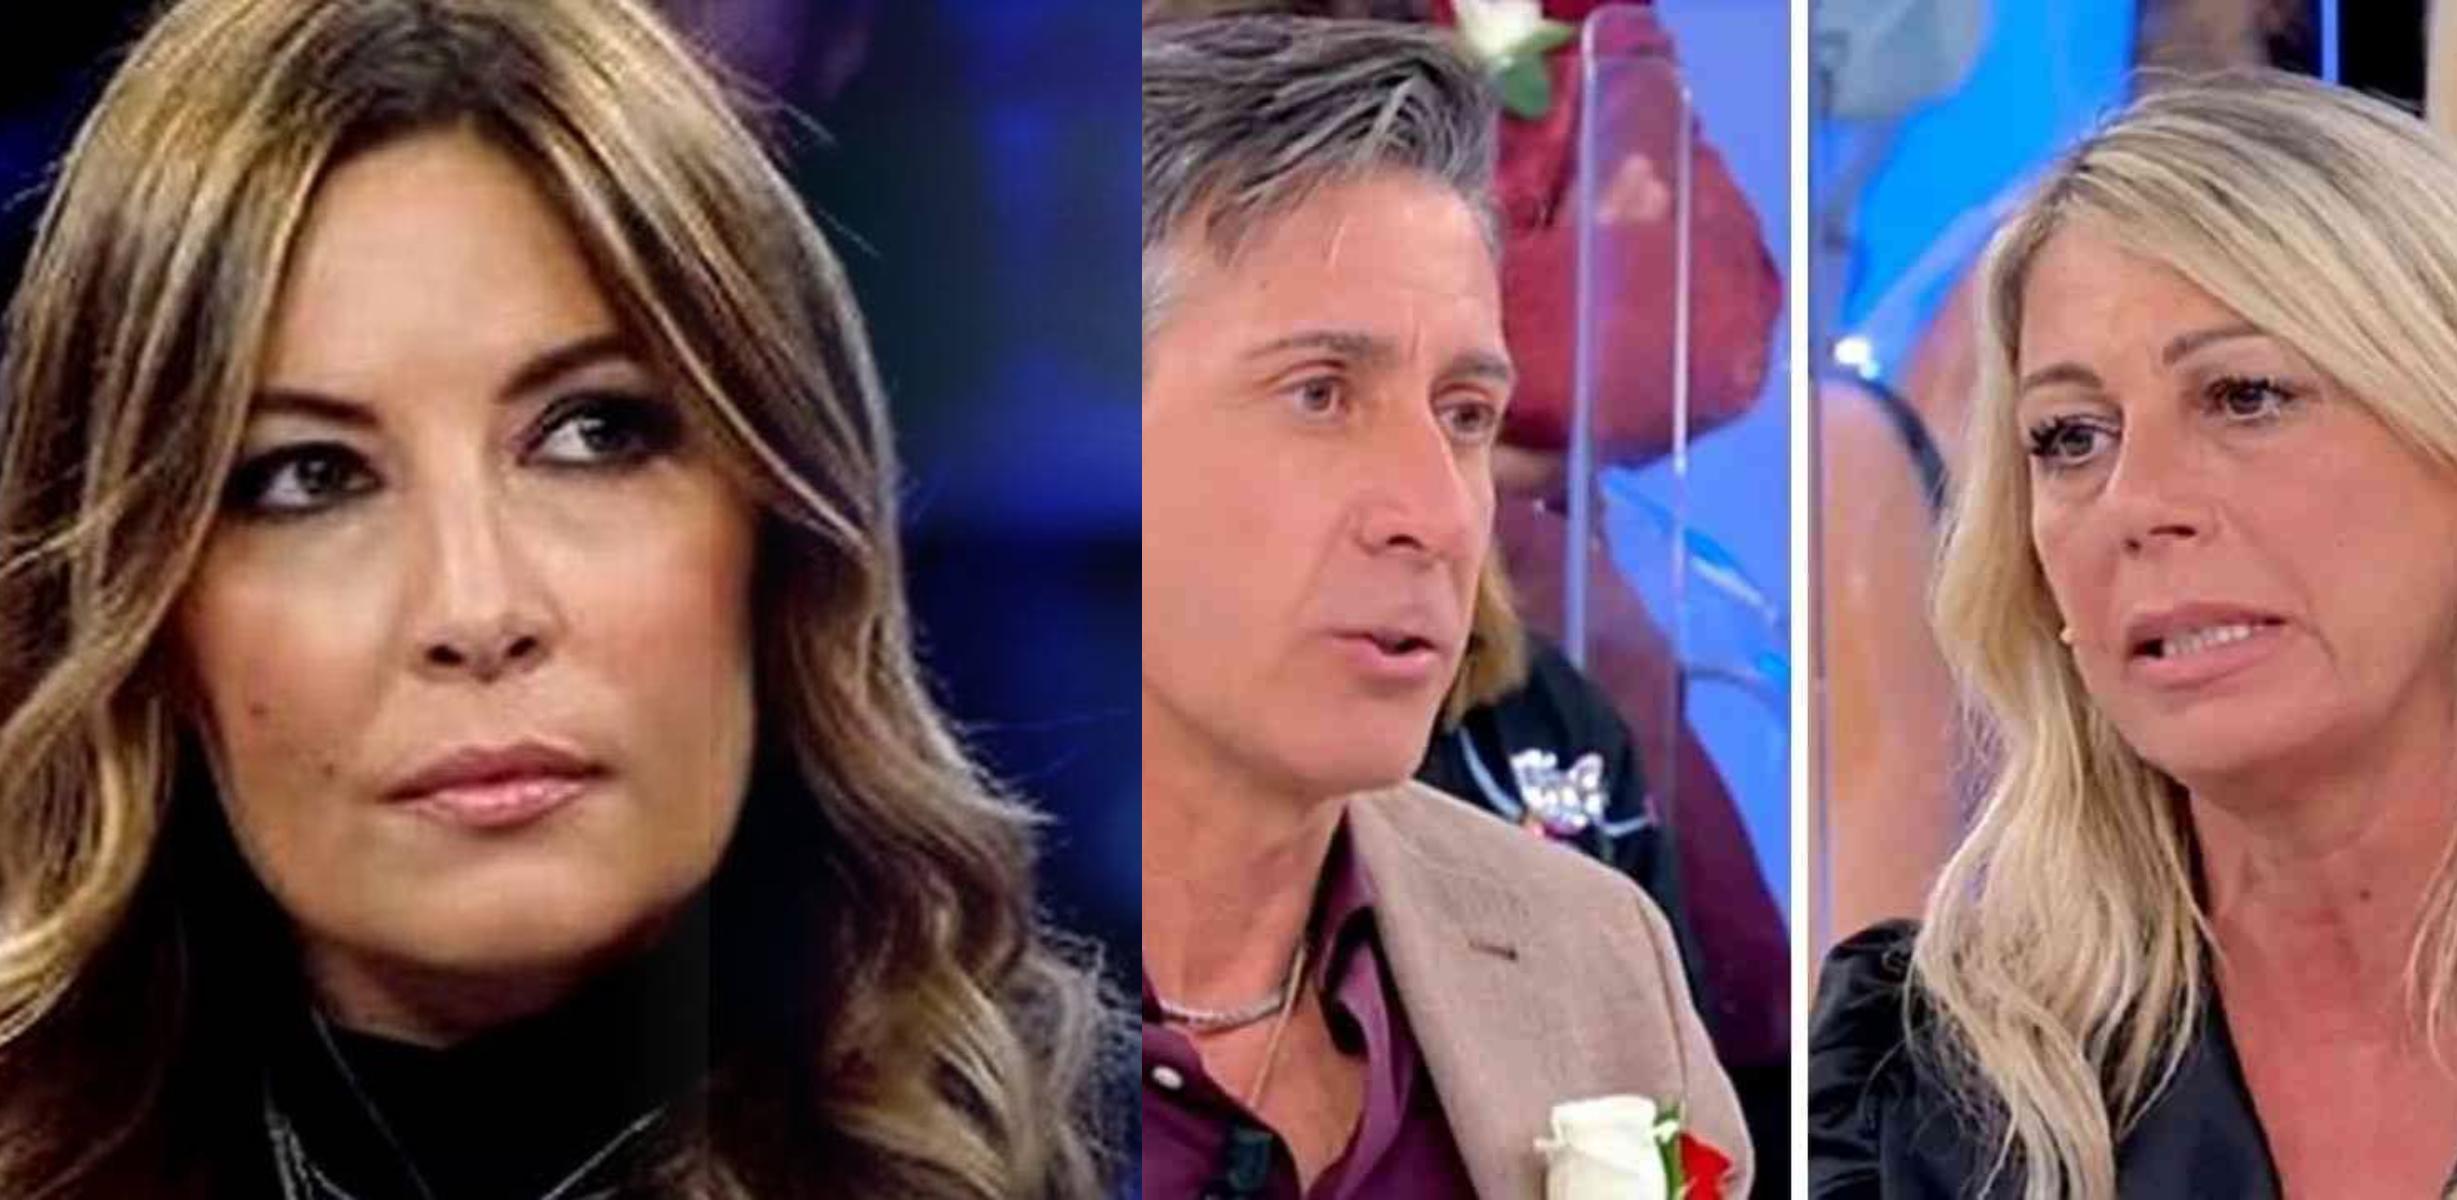 """Uomini e Donne, Lucarelli sulla lite Aurora-Giancarlo: """"Diseducativo"""""""